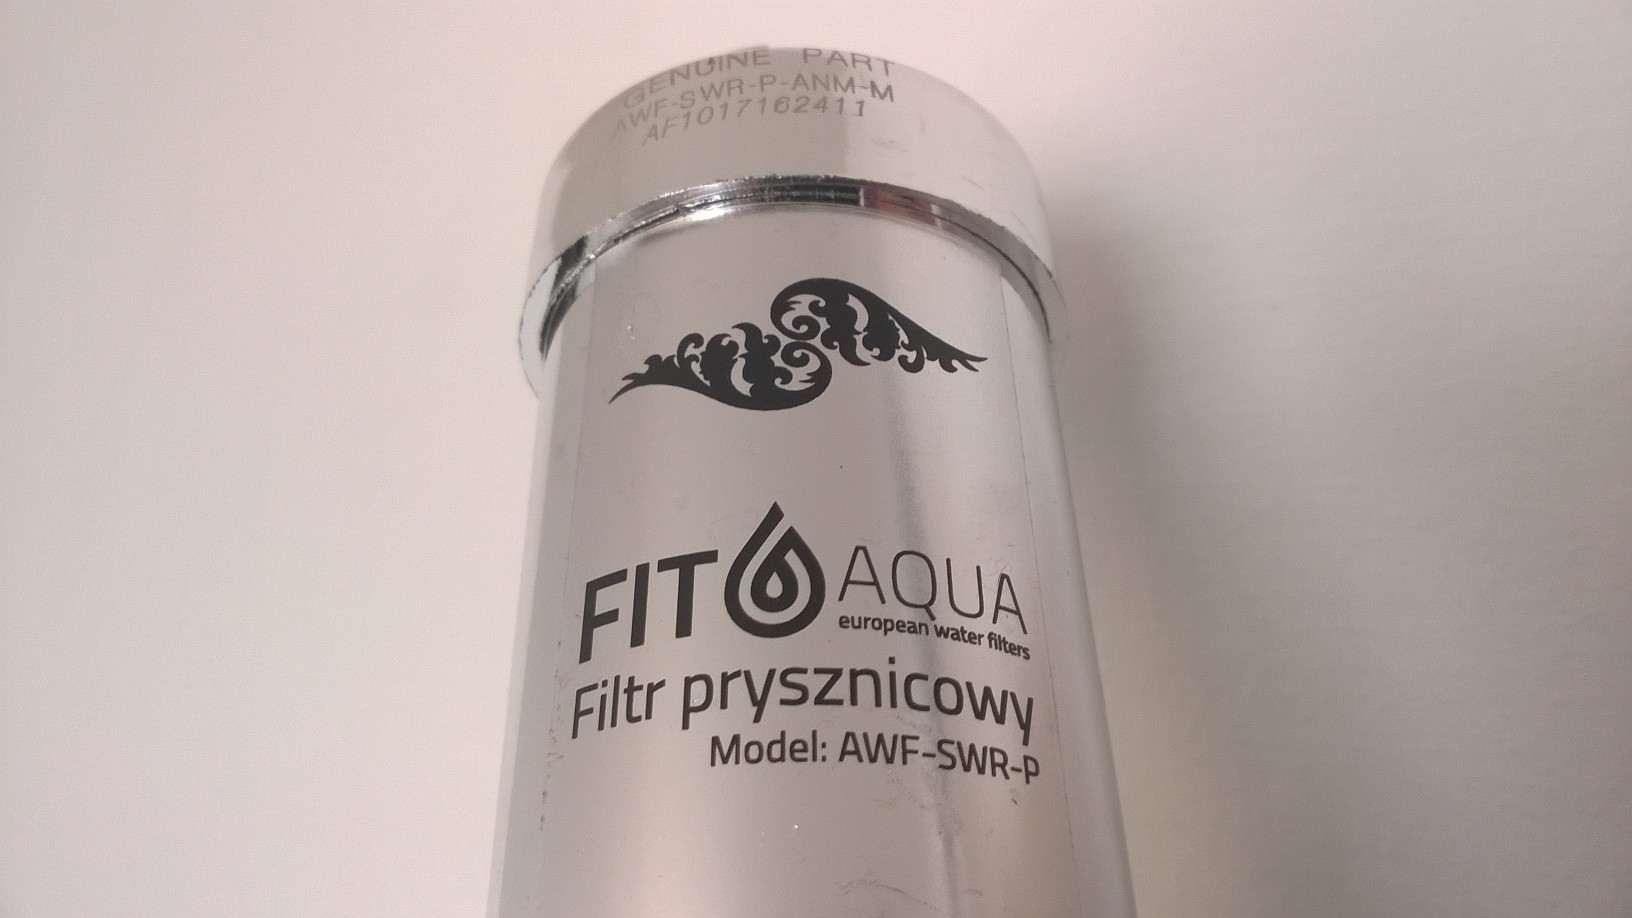 Dlaczego warto zamontować filtr prysznicowy? Fit Aqua